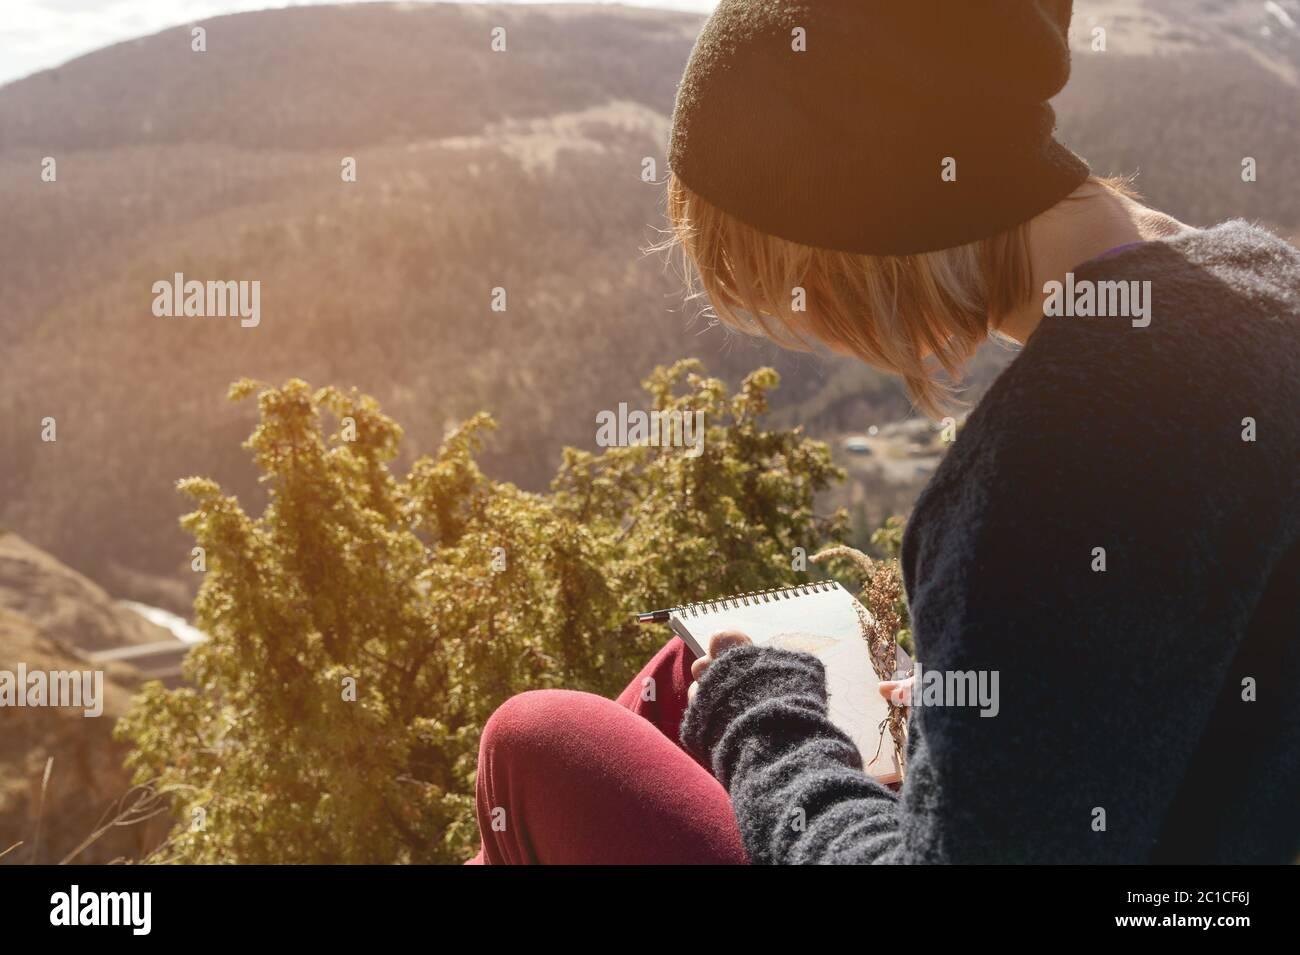 Retrato de una hipo chica con gafas de sol y un sombrero sentado en una roca al aire libre en las montañas contra un cielo azul. Independiente Foto de stock